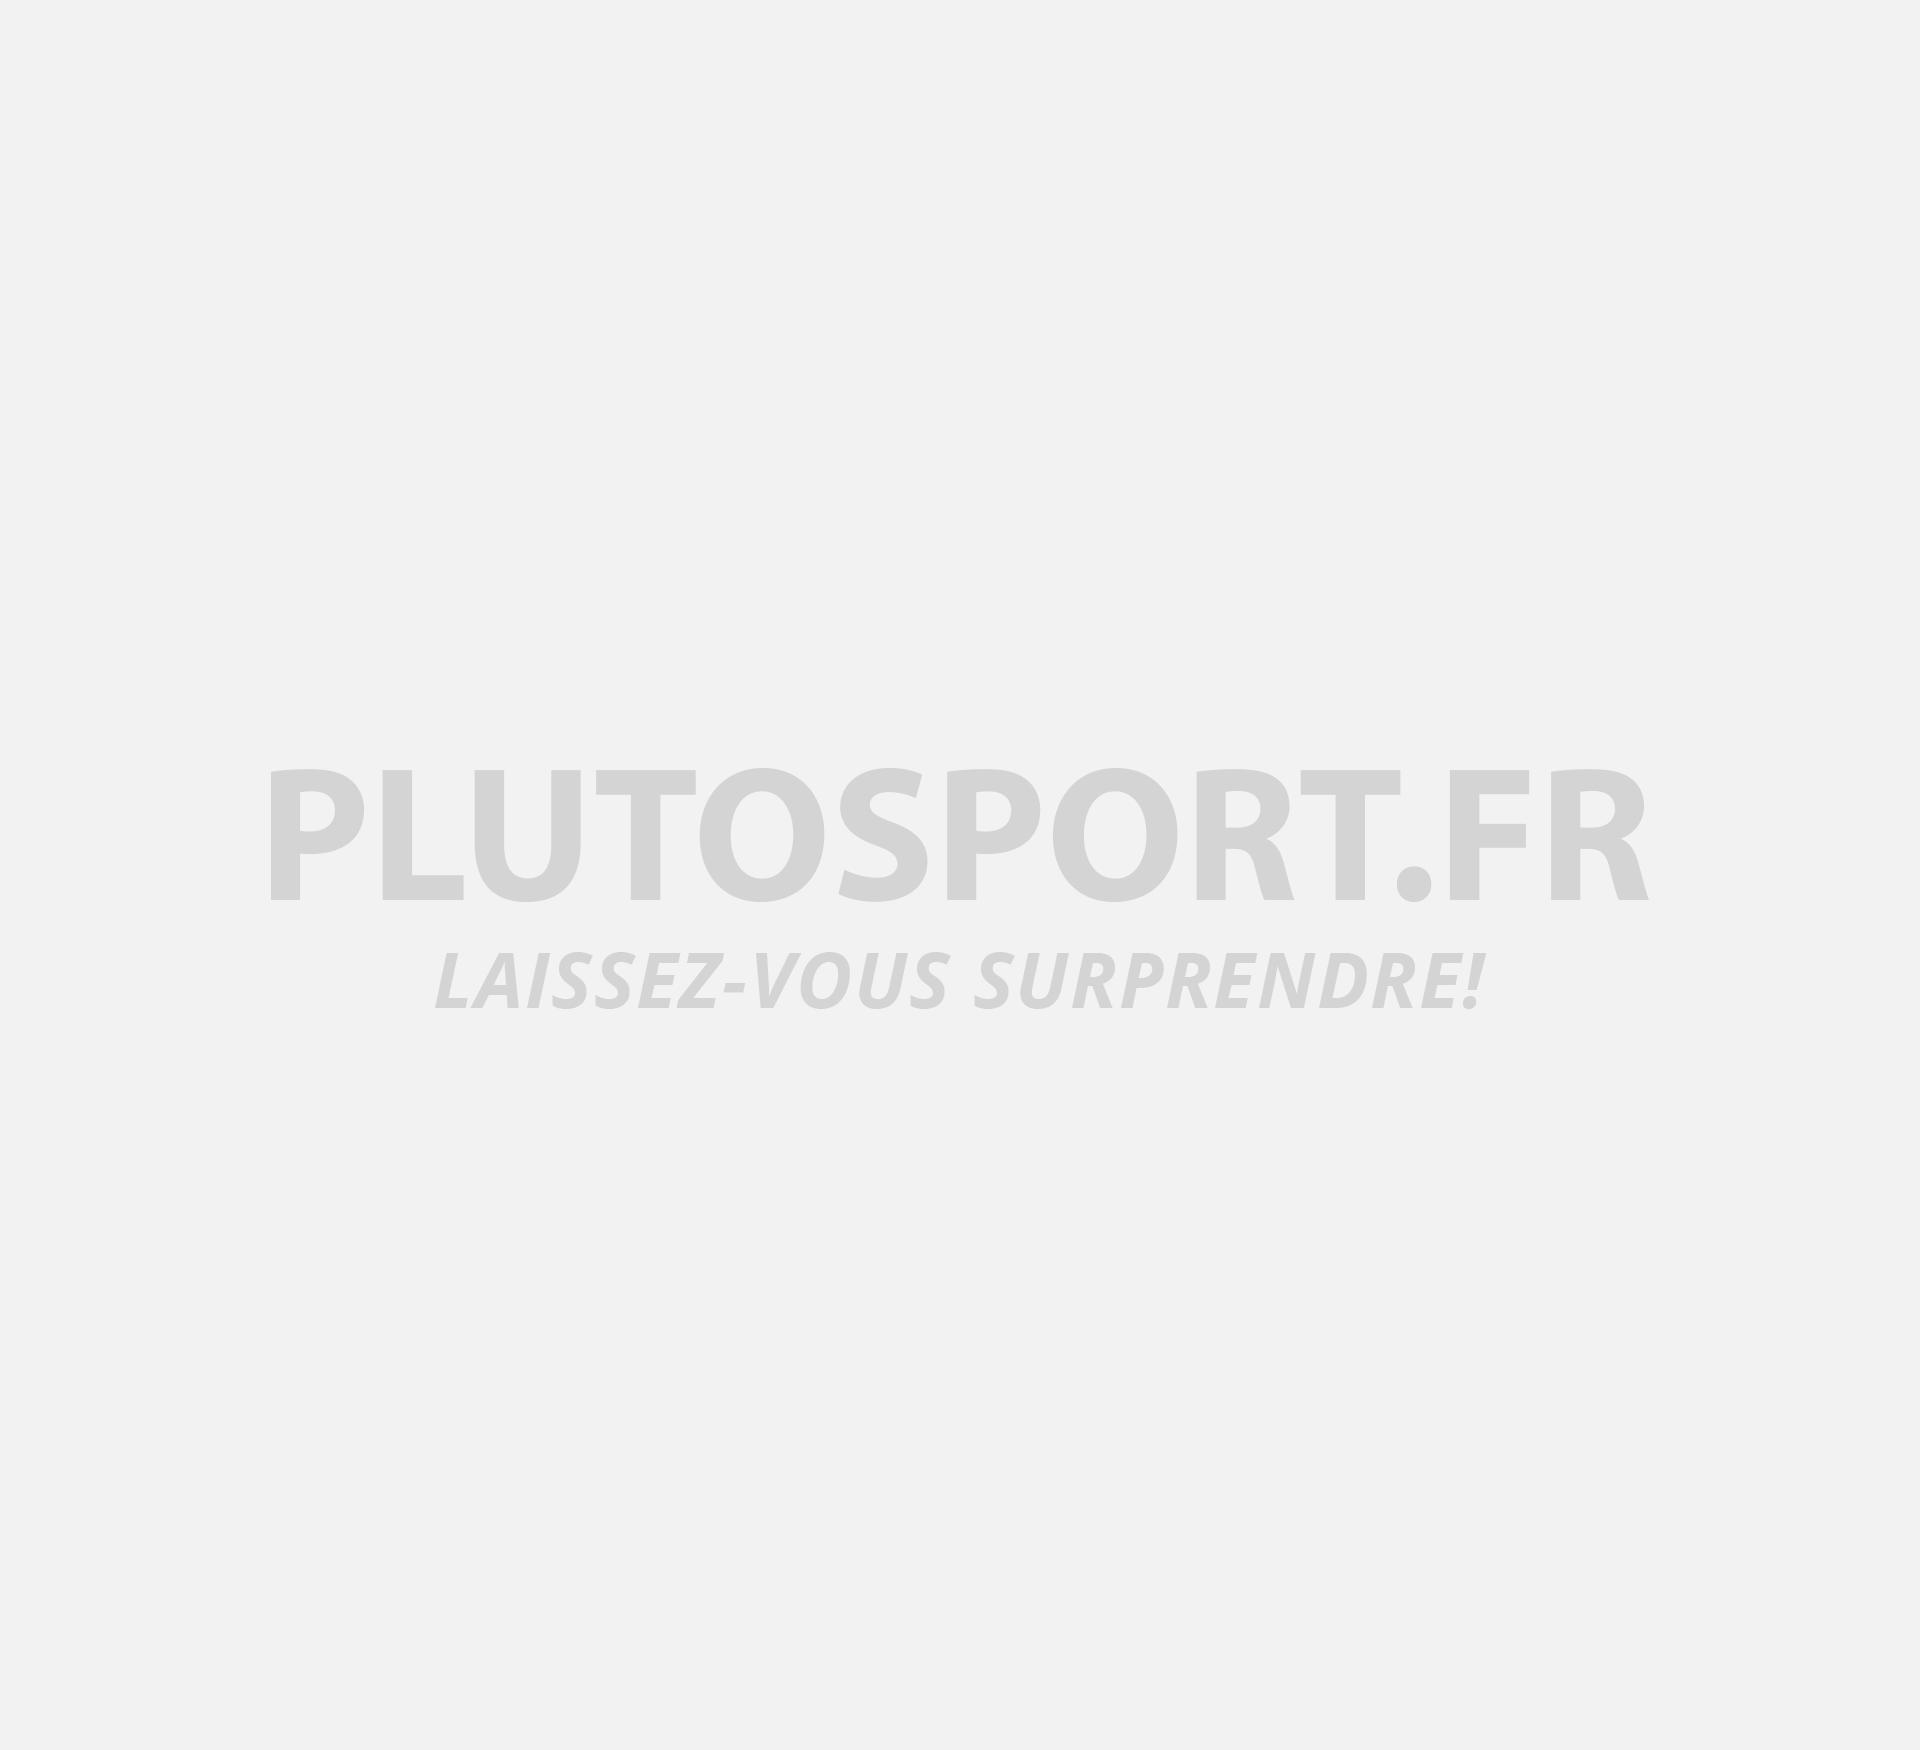 Chaussettes Tommy Hilfiger Iconic Sports (lot de 6 paires)